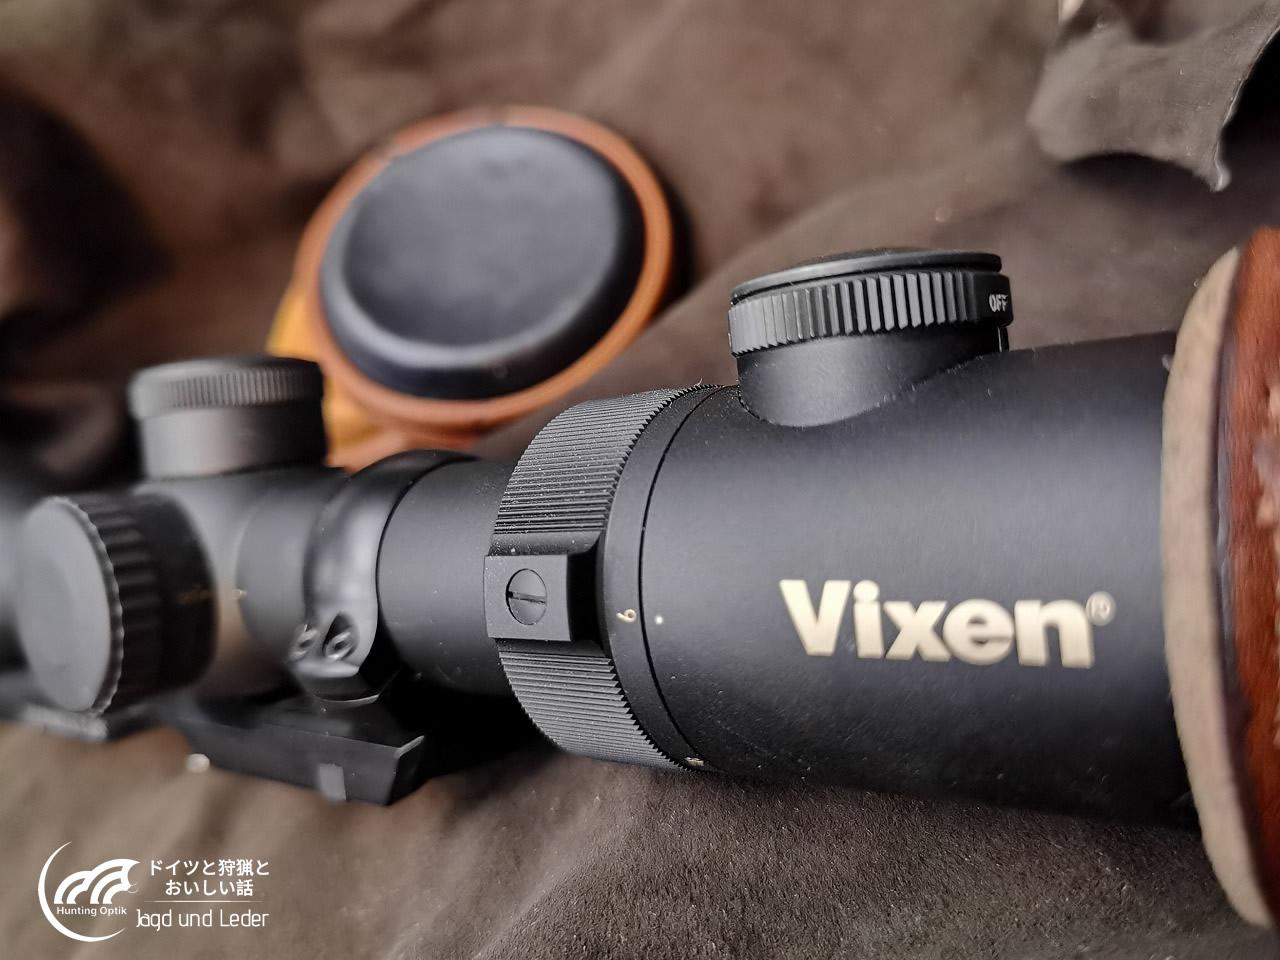 レンズキャップはどうなのか。 for Vixen 6-24x58 ライフルスコープ